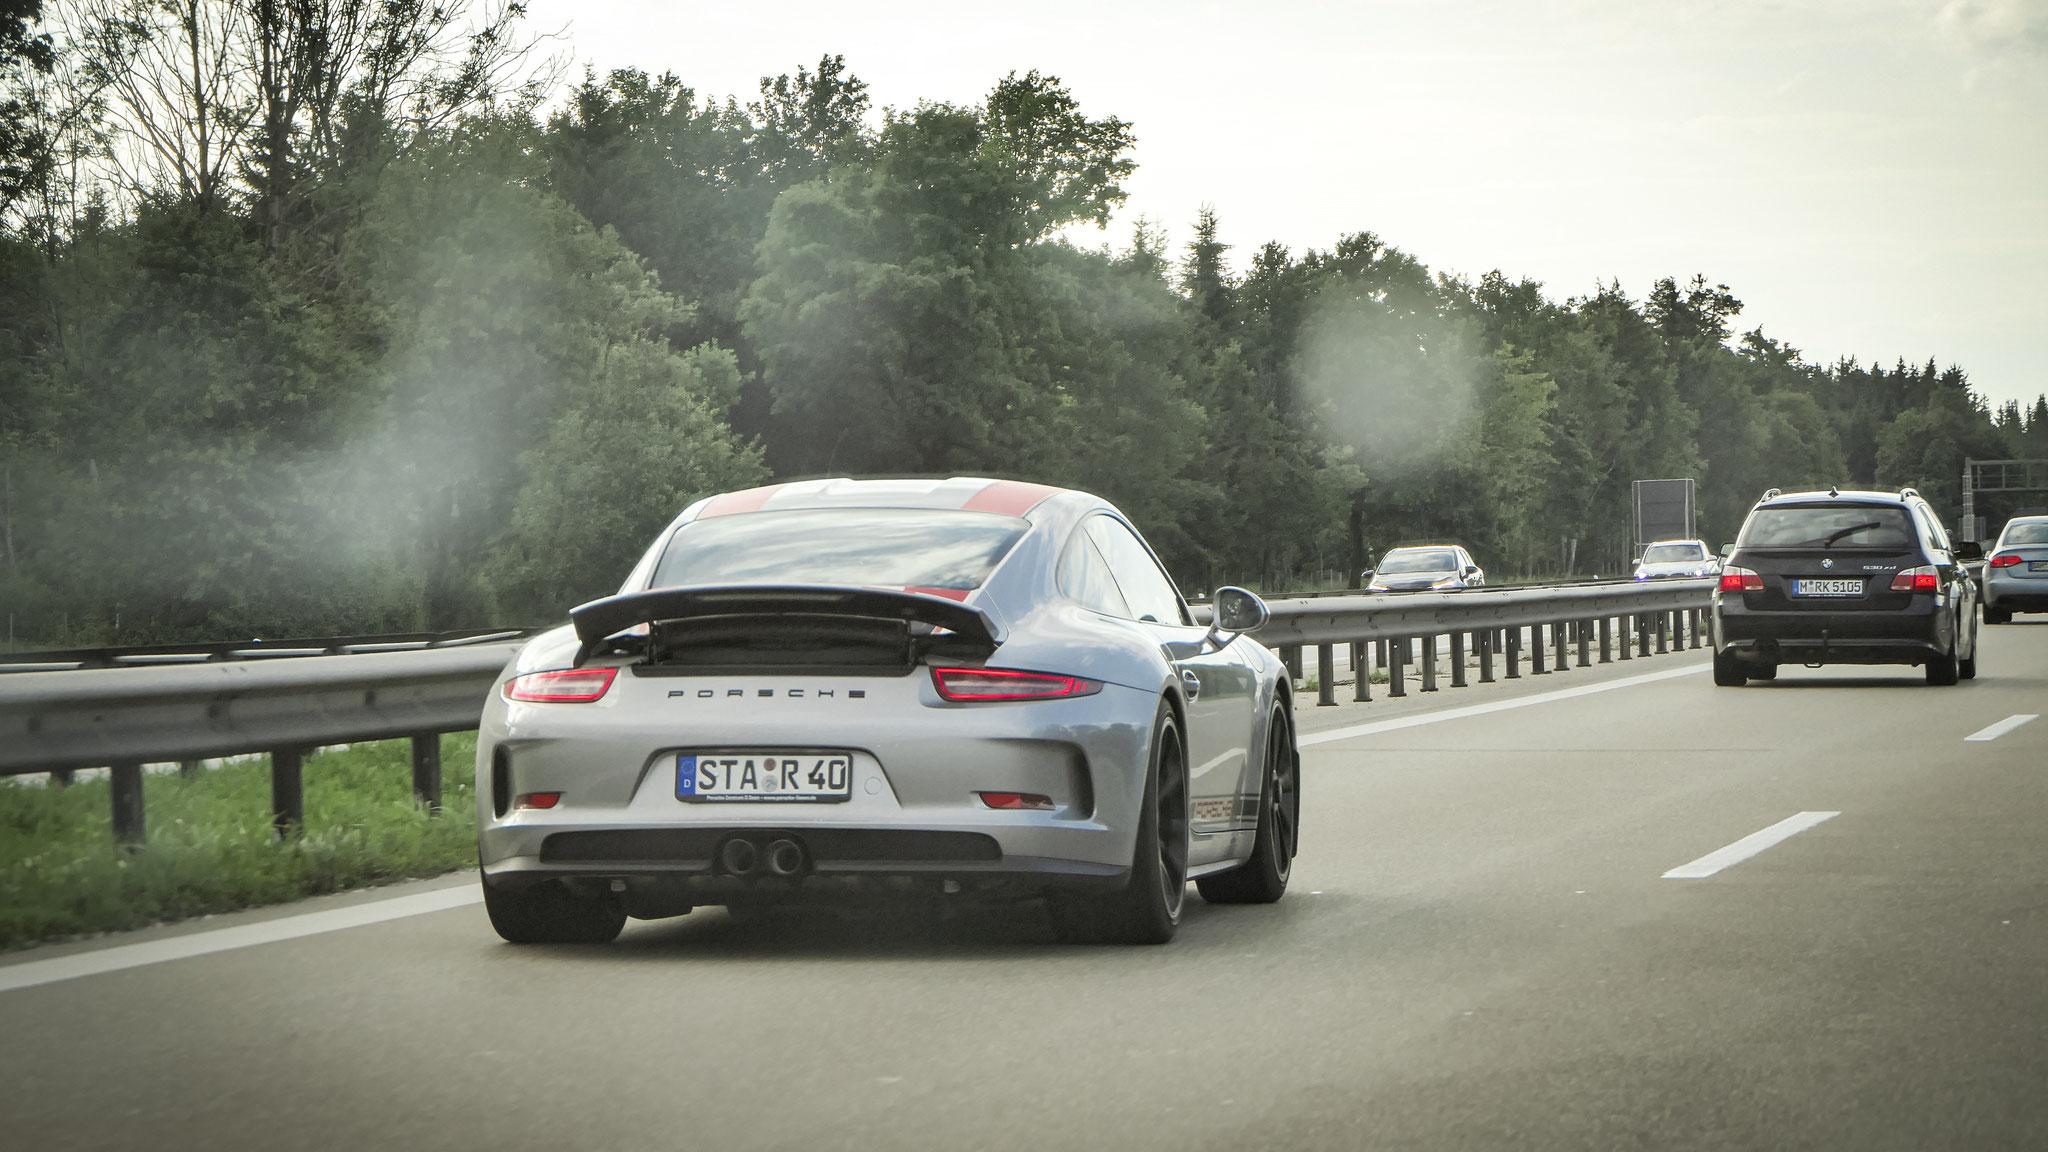 Porsche 911 R - STA-R-40